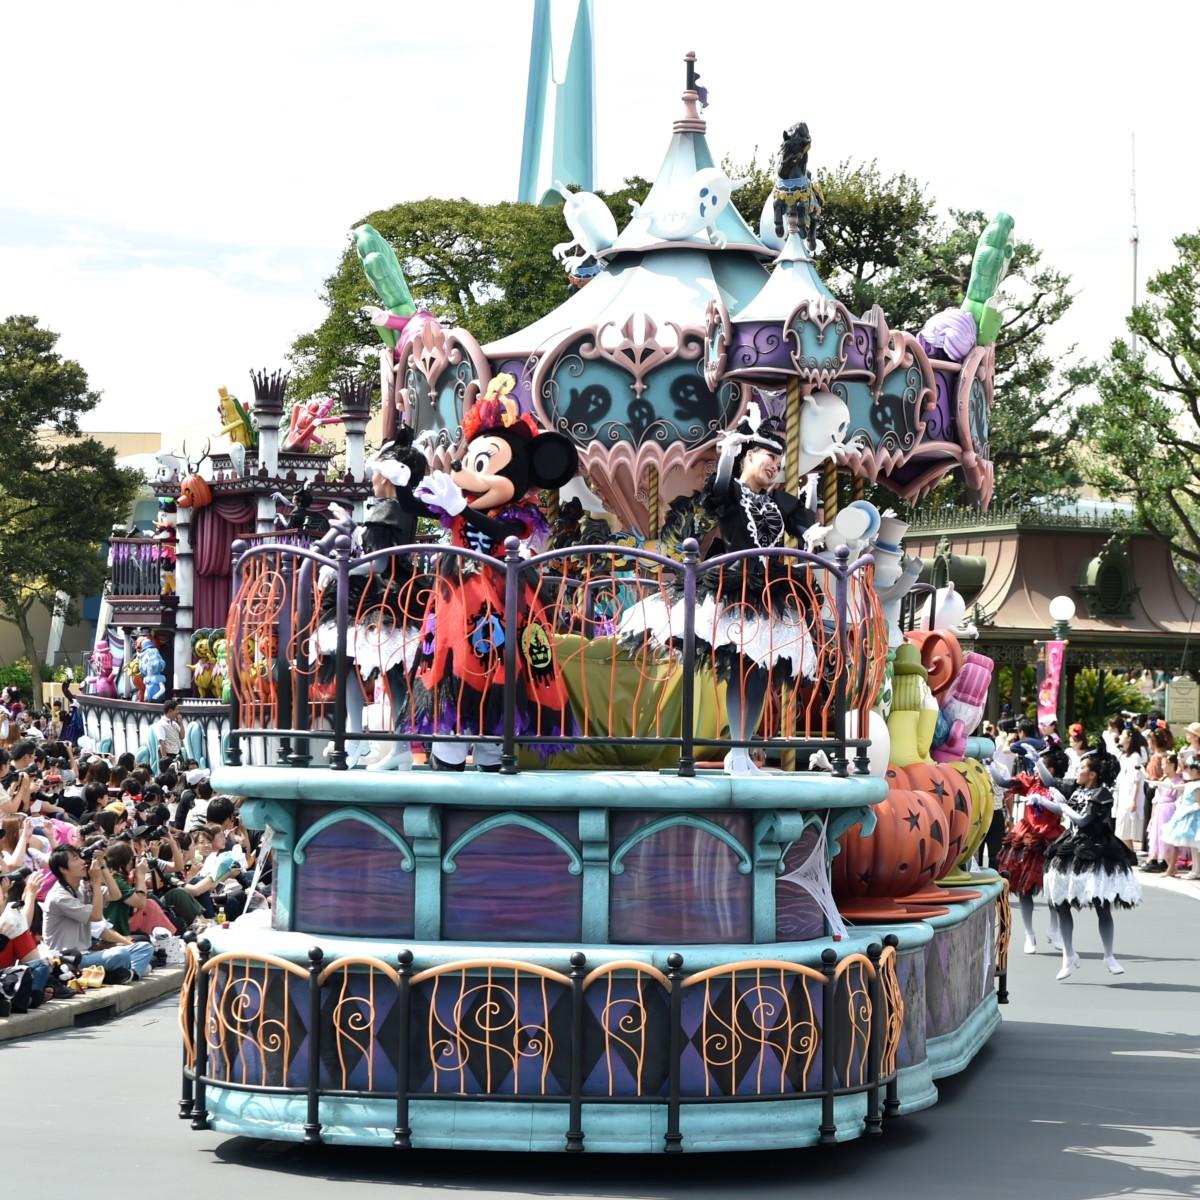 黒い木馬やかぼちゃのティーカップが回るファンタジーランドをイメージしたフロート